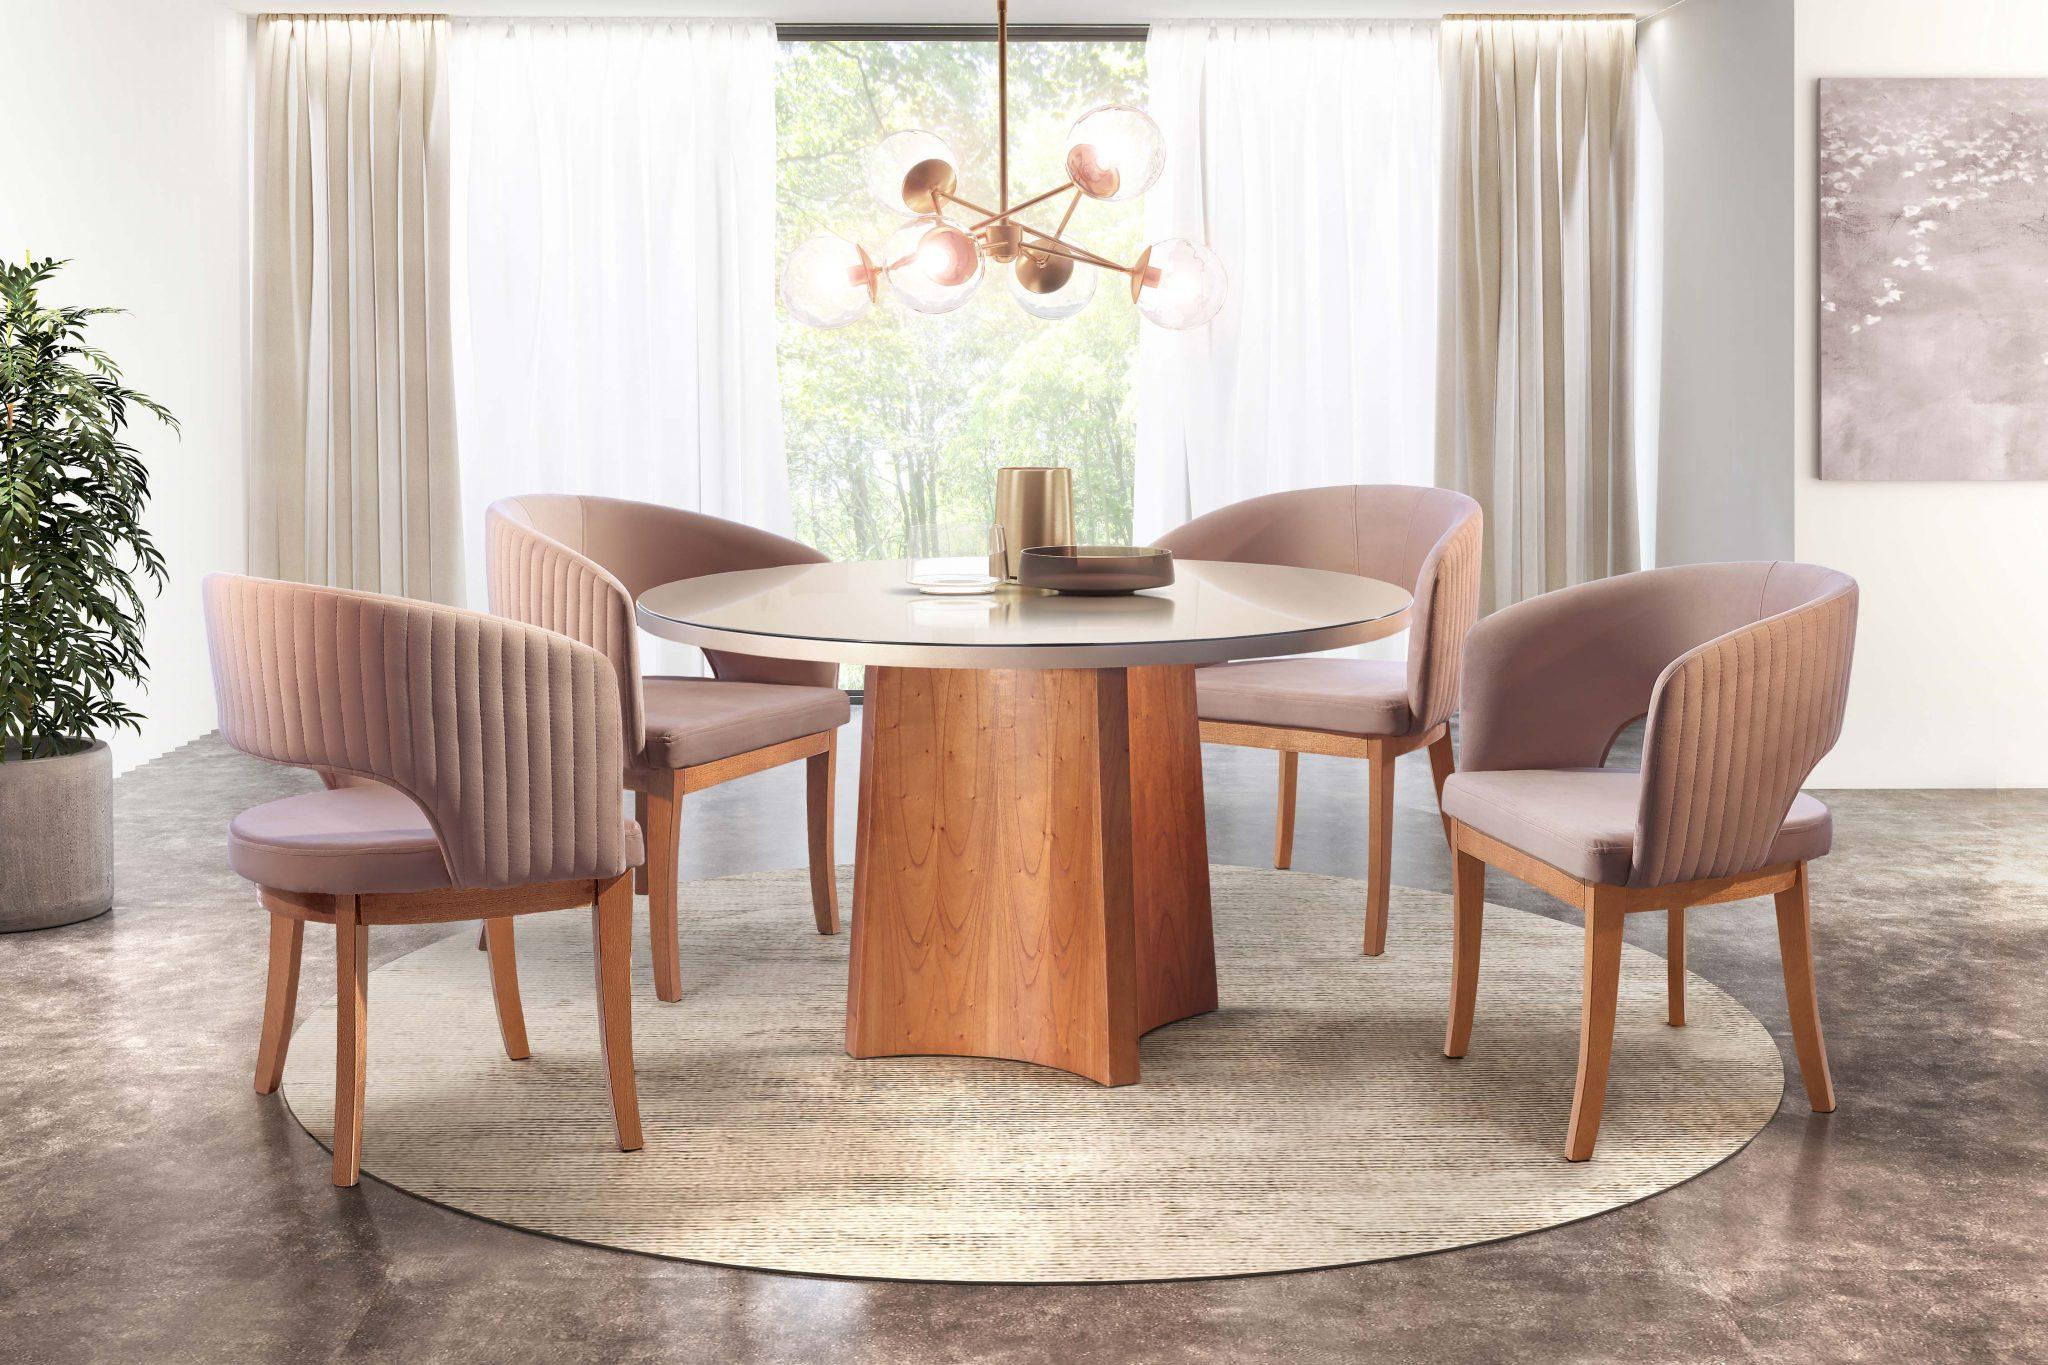 Mesa-KRV-250-e-Cadeira-KR-310